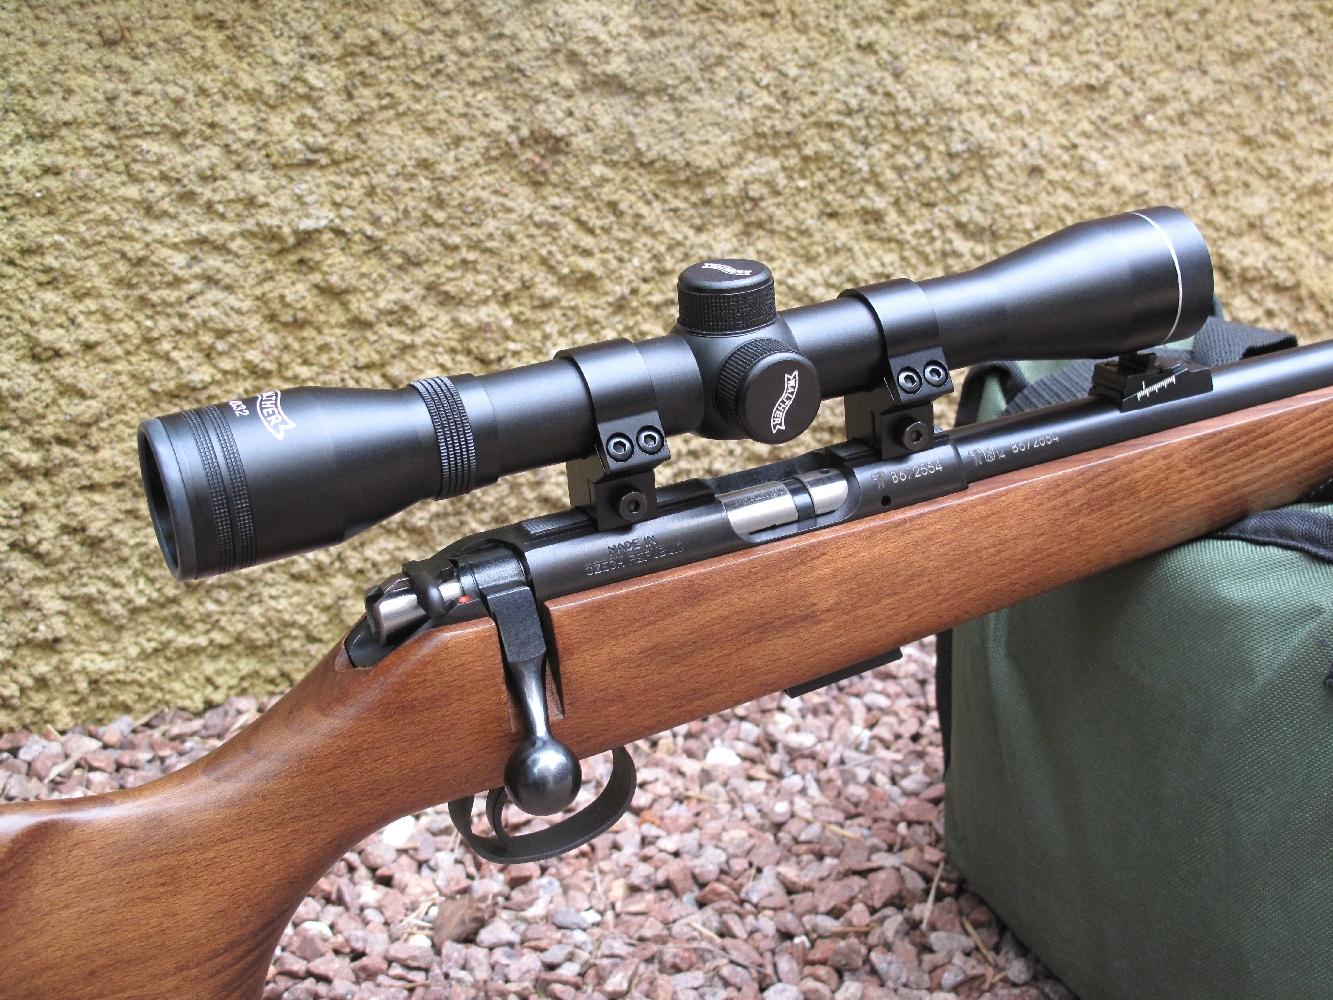 Tout en restant extrêmement raisonnable sur le plan financier, l'installation de cette lunette Walther à grossissement fixe de 4 fois constitue un choix très satisfaisant pour effectuer des tirs de précision à la distance de 50 mètres.